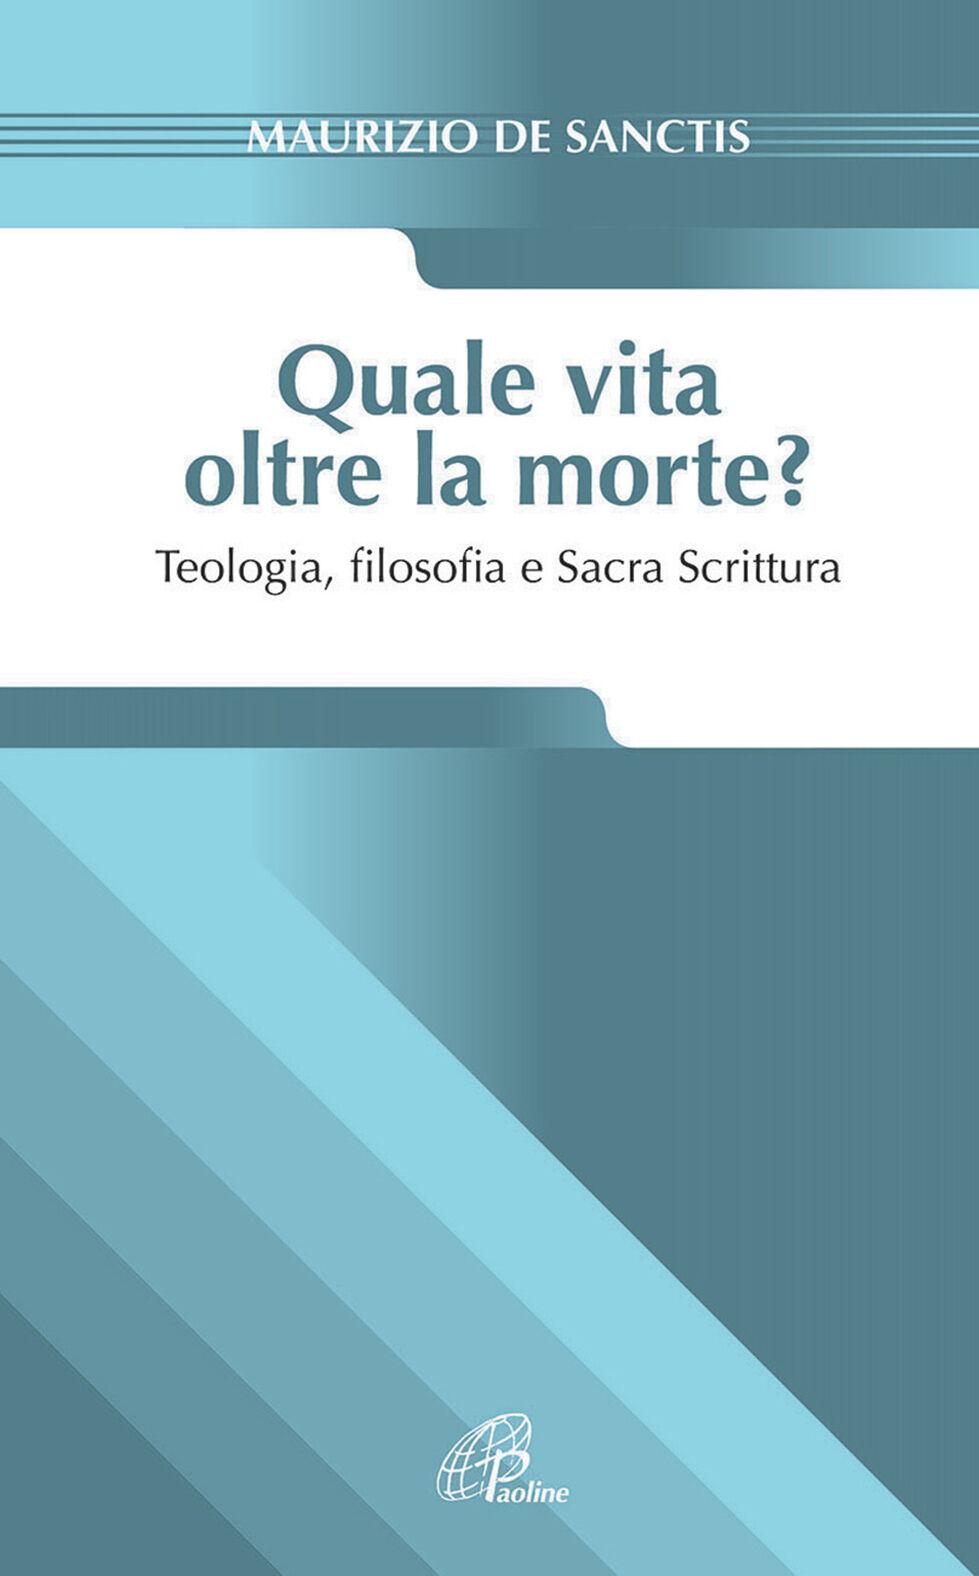 Quale vita oltre la morte? Teologia, fiosofia e Sacra Scrittura